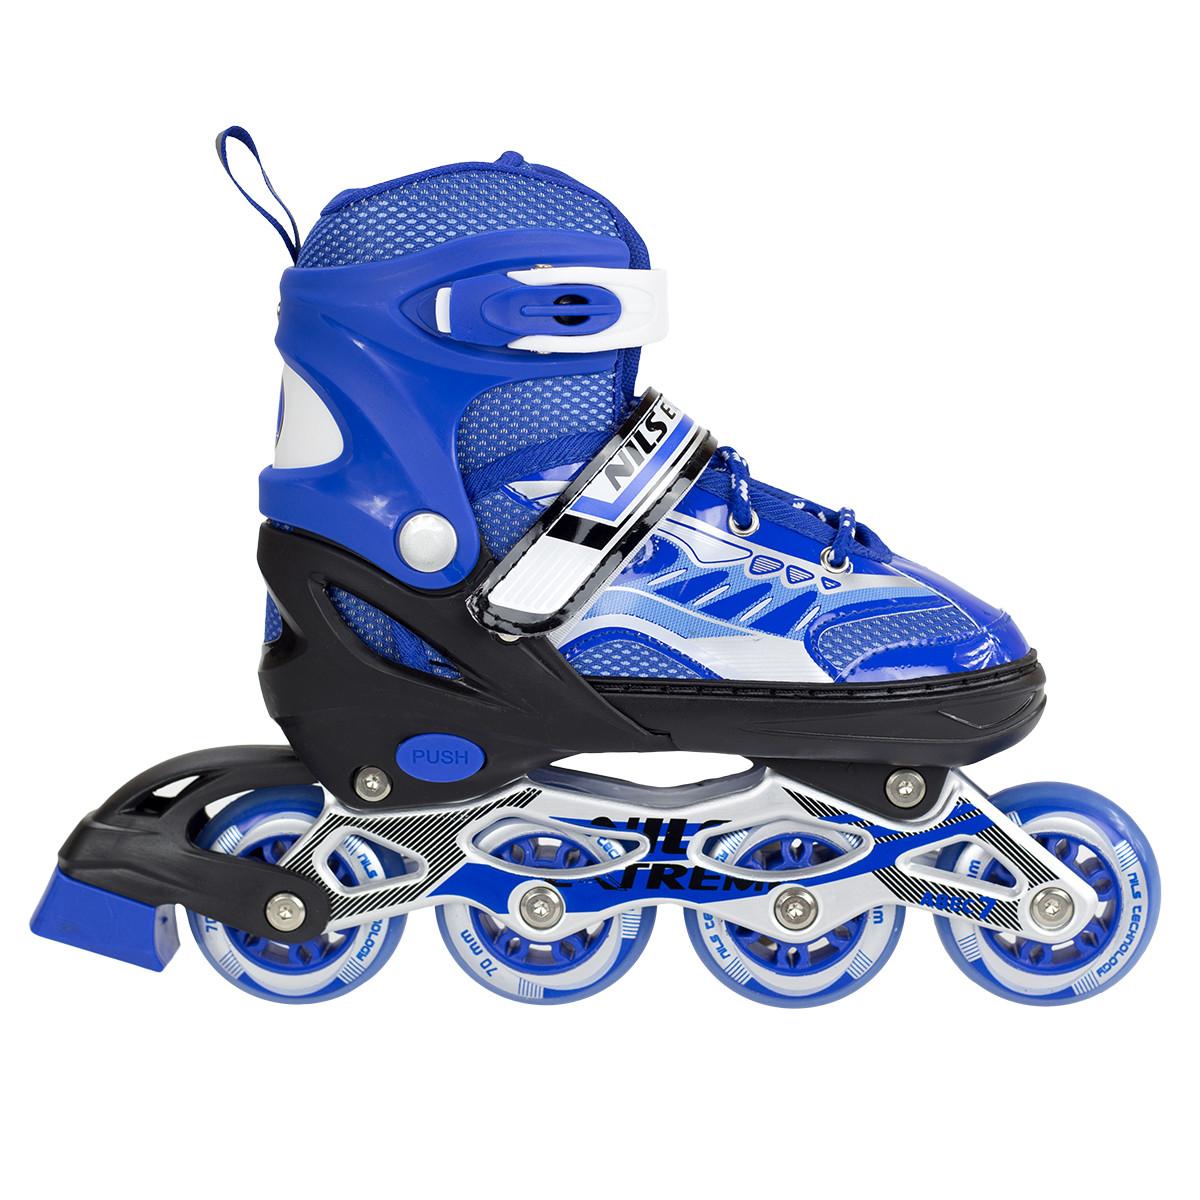 Купить Роликовые коньки и лыжероллеры, Роликовые коньки Nils Extreme NJ1828A Size 31-34 Blue